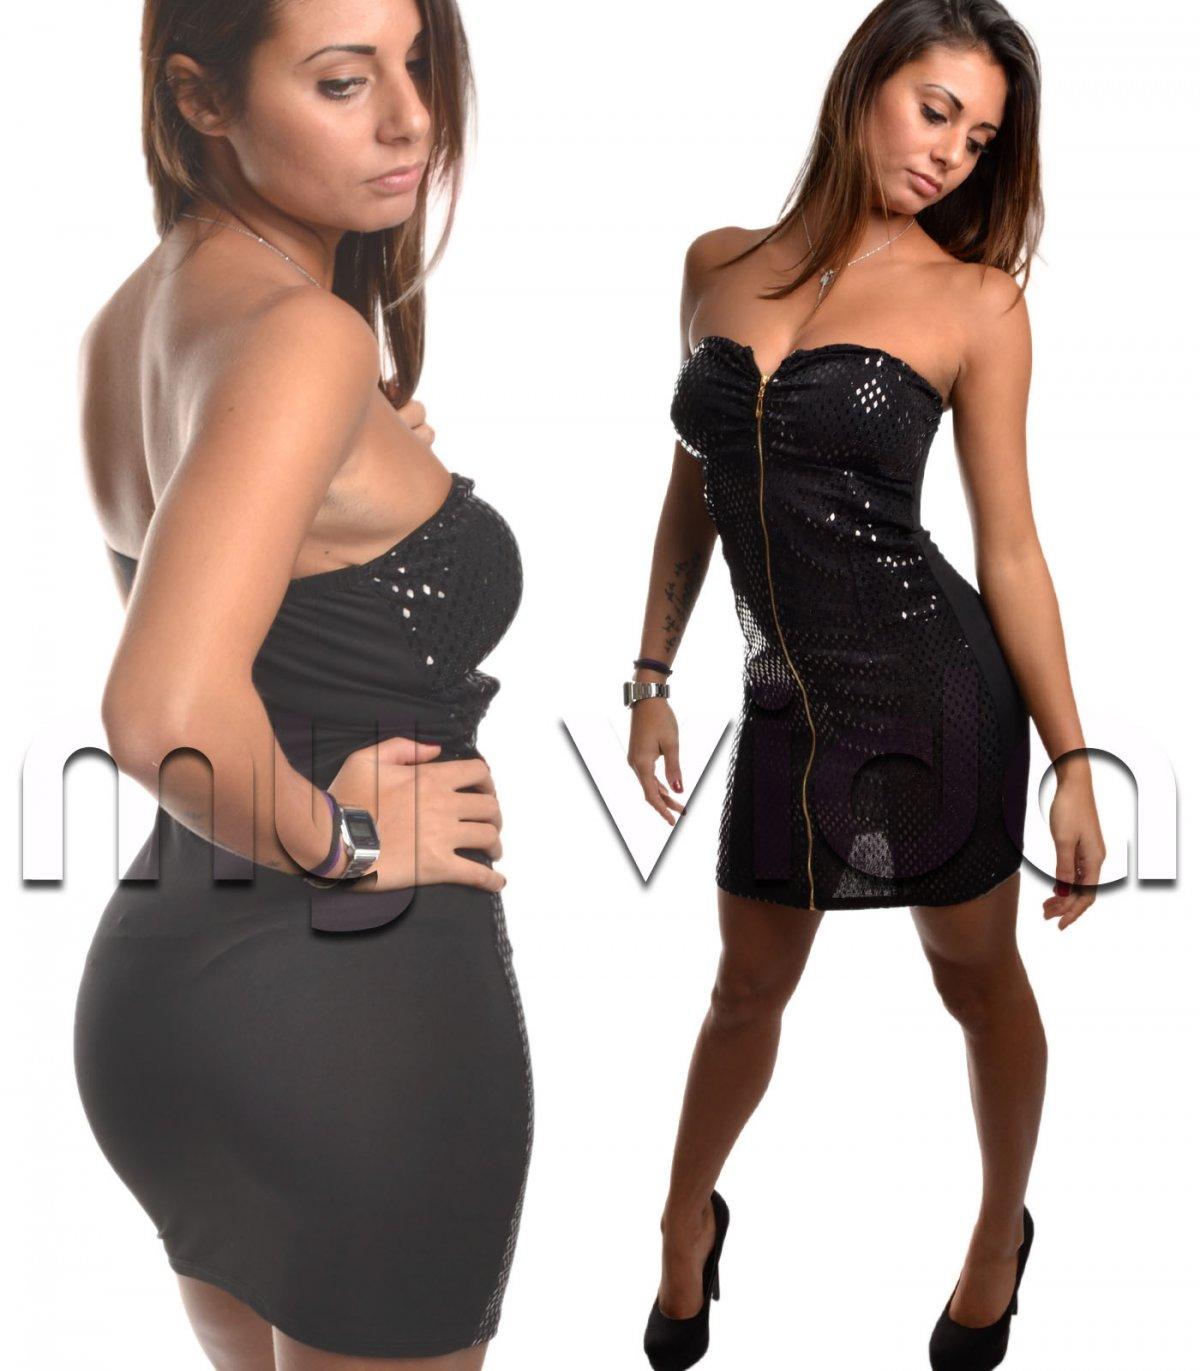 huge discount 886b9 f7dba Sexy mini abito donna nero | My Vida